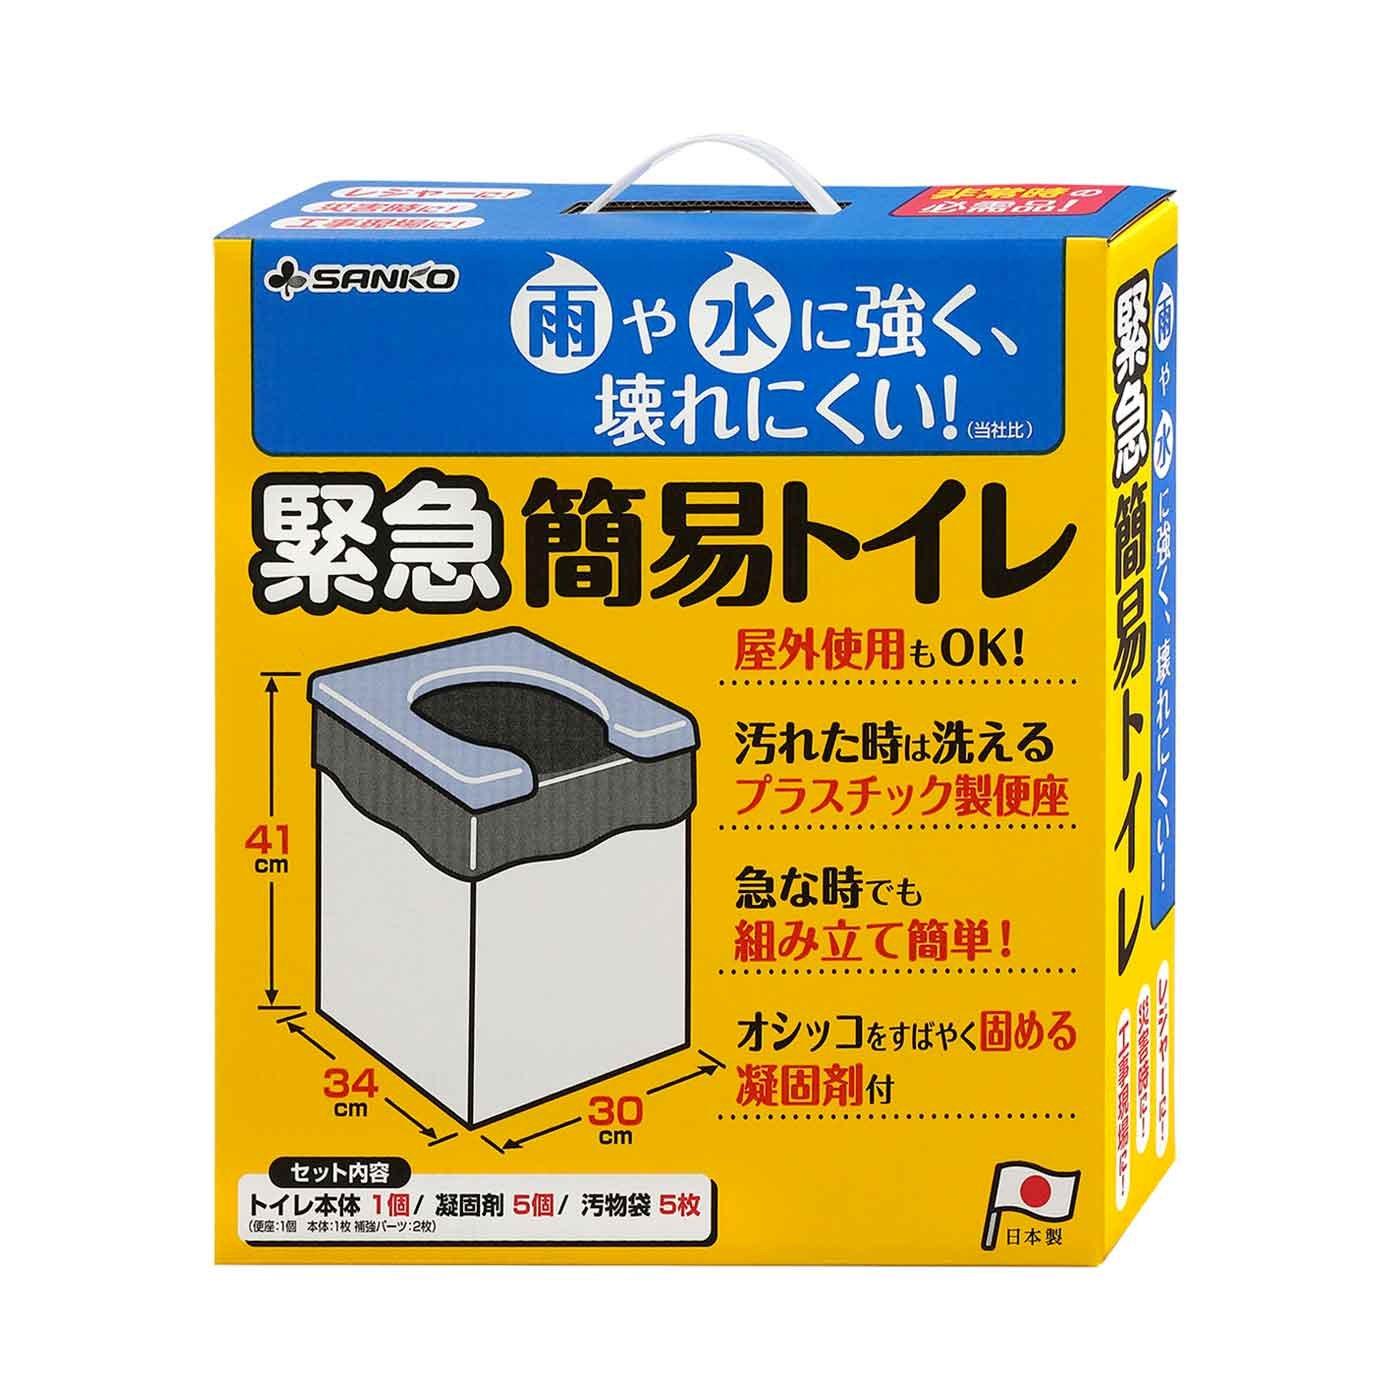 組み立て簡単 撥水素材で屋外でも使える 緊急簡易トイレ